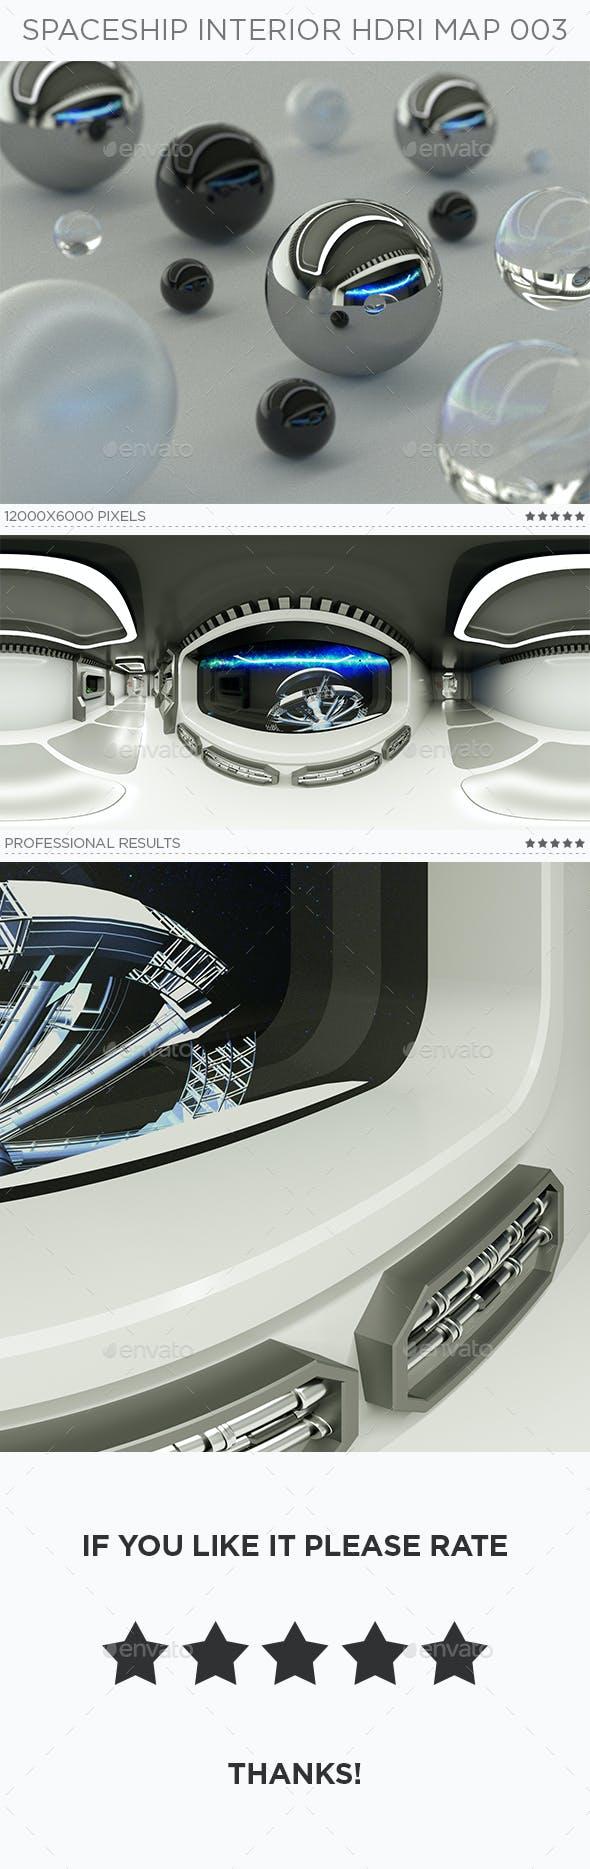 Spaceship Interior HDRi Map 003 - 3DOcean Item for Sale